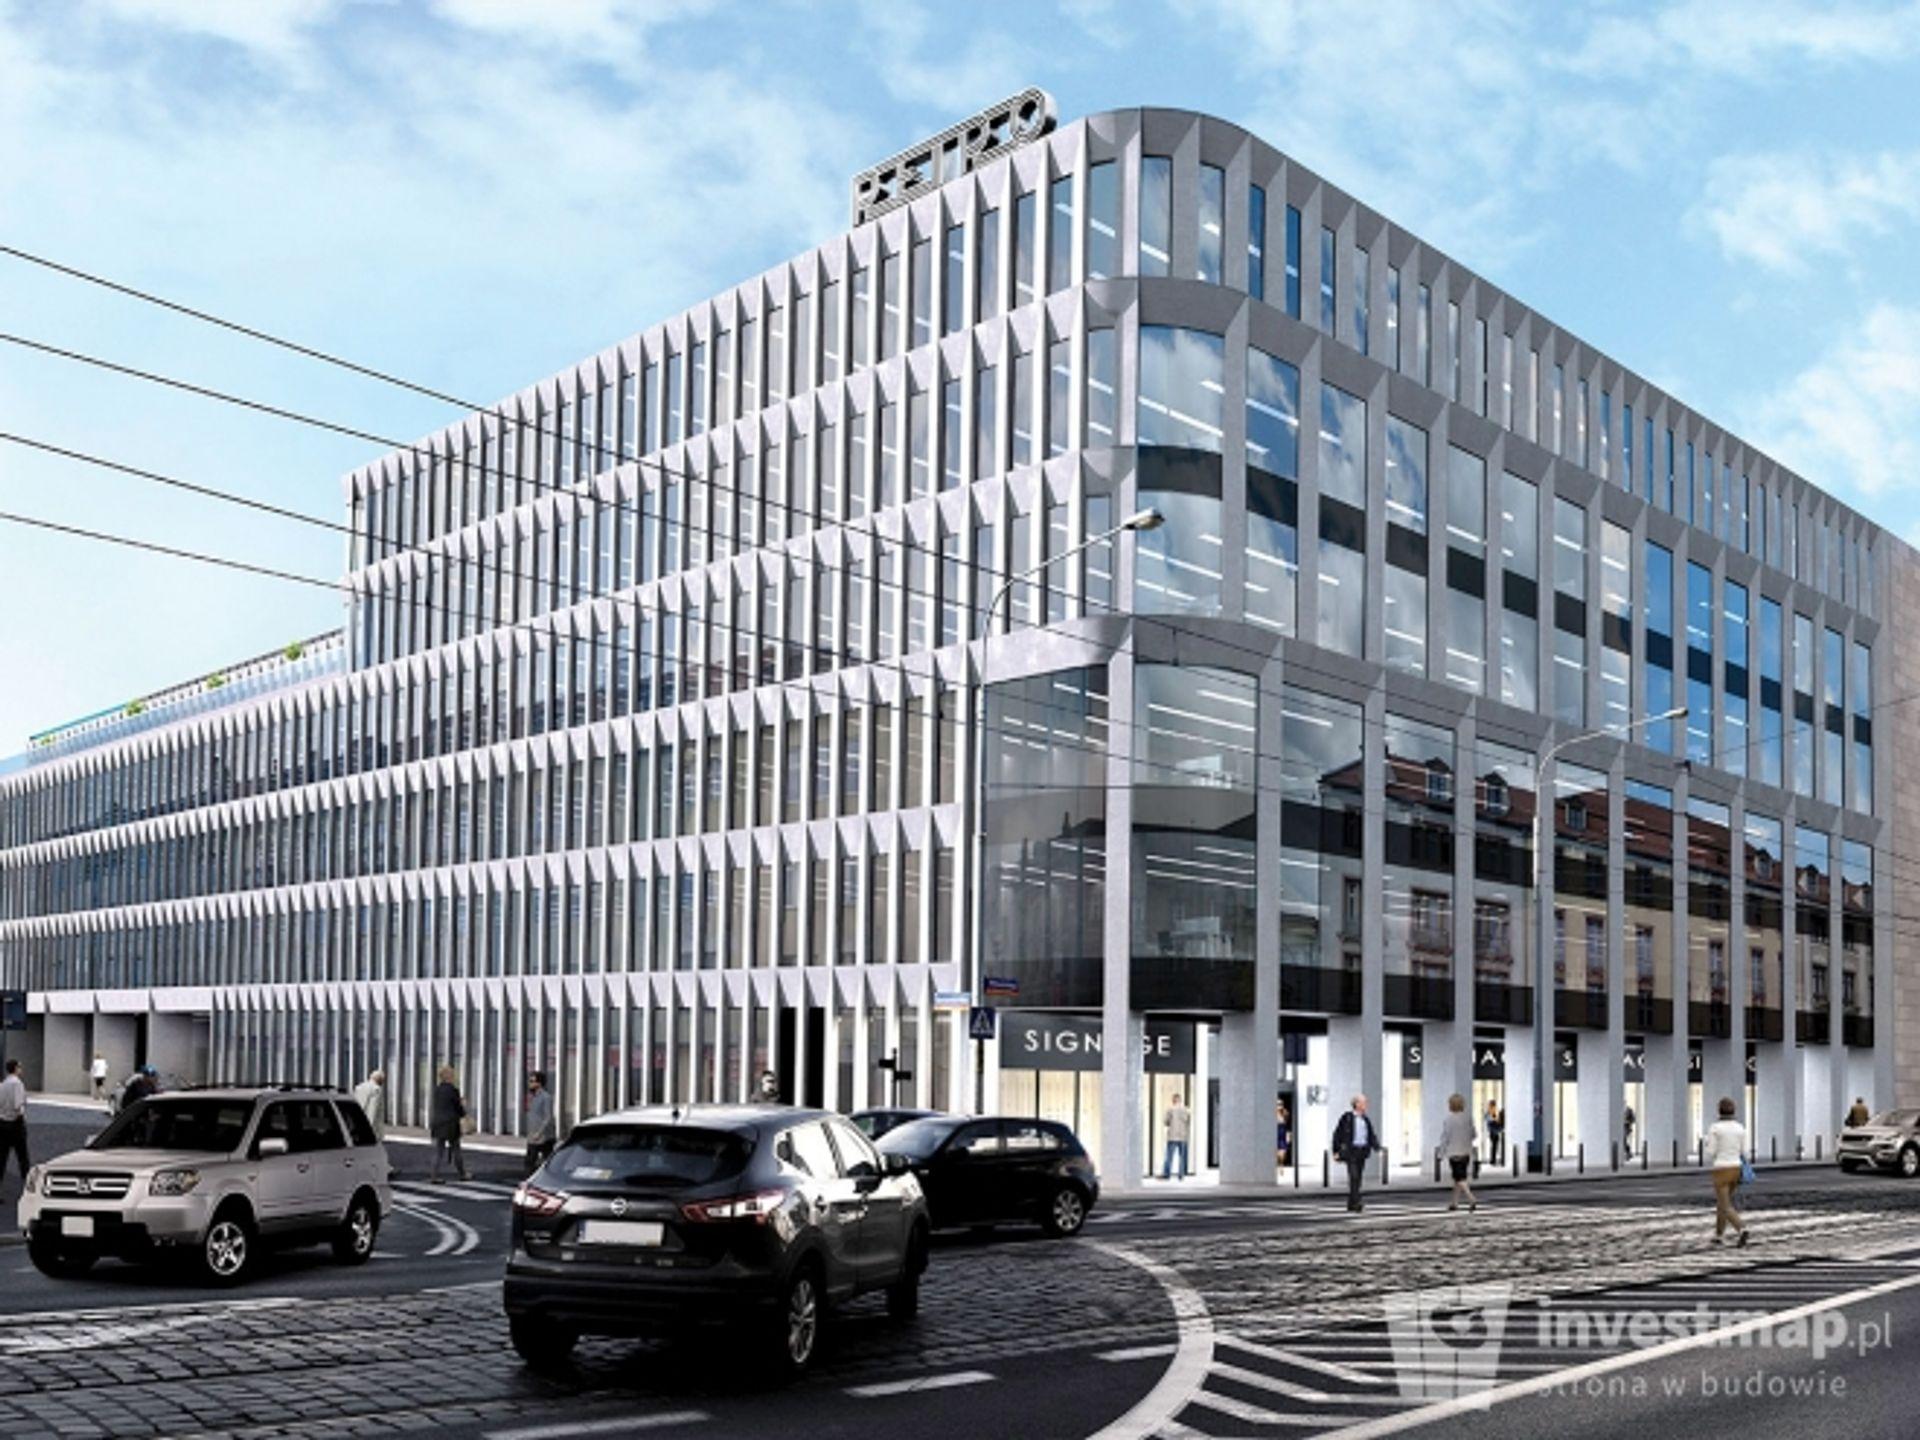 [Wrocław] Leszek Czarnecki postawi biurowiec tuż obok Capitolu. Budowa rusza [WIZUALIZACJE]